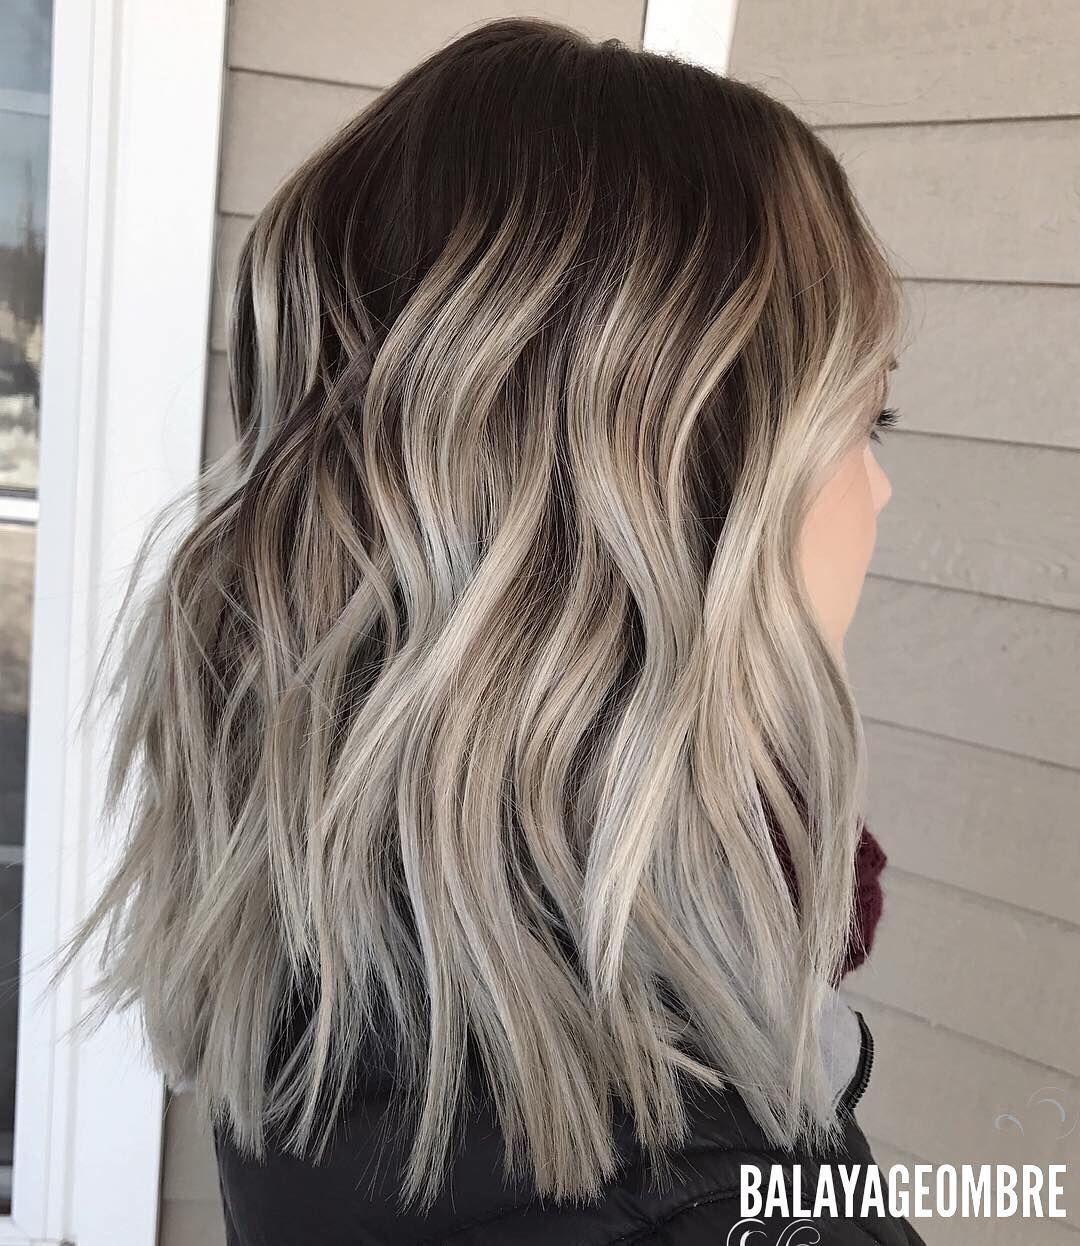 10 Best Medium Layered Hairstyles 2018 Brown & Ash-Blonde ...